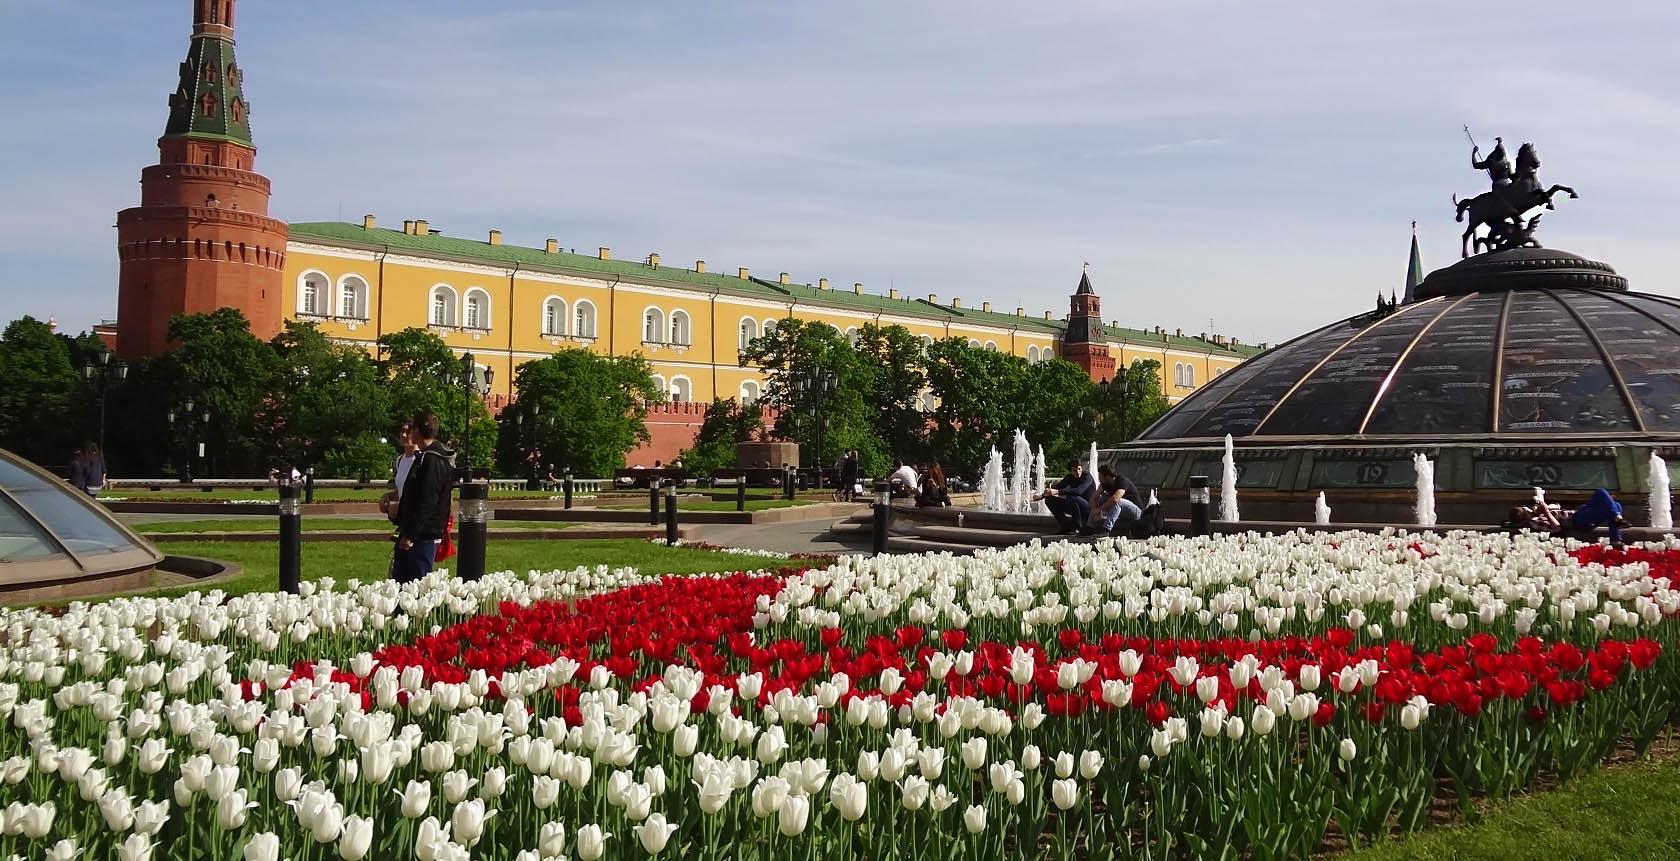 O que fazer em Moscou - Dicas de viagem para a Russia no blog Vontade de Viajar